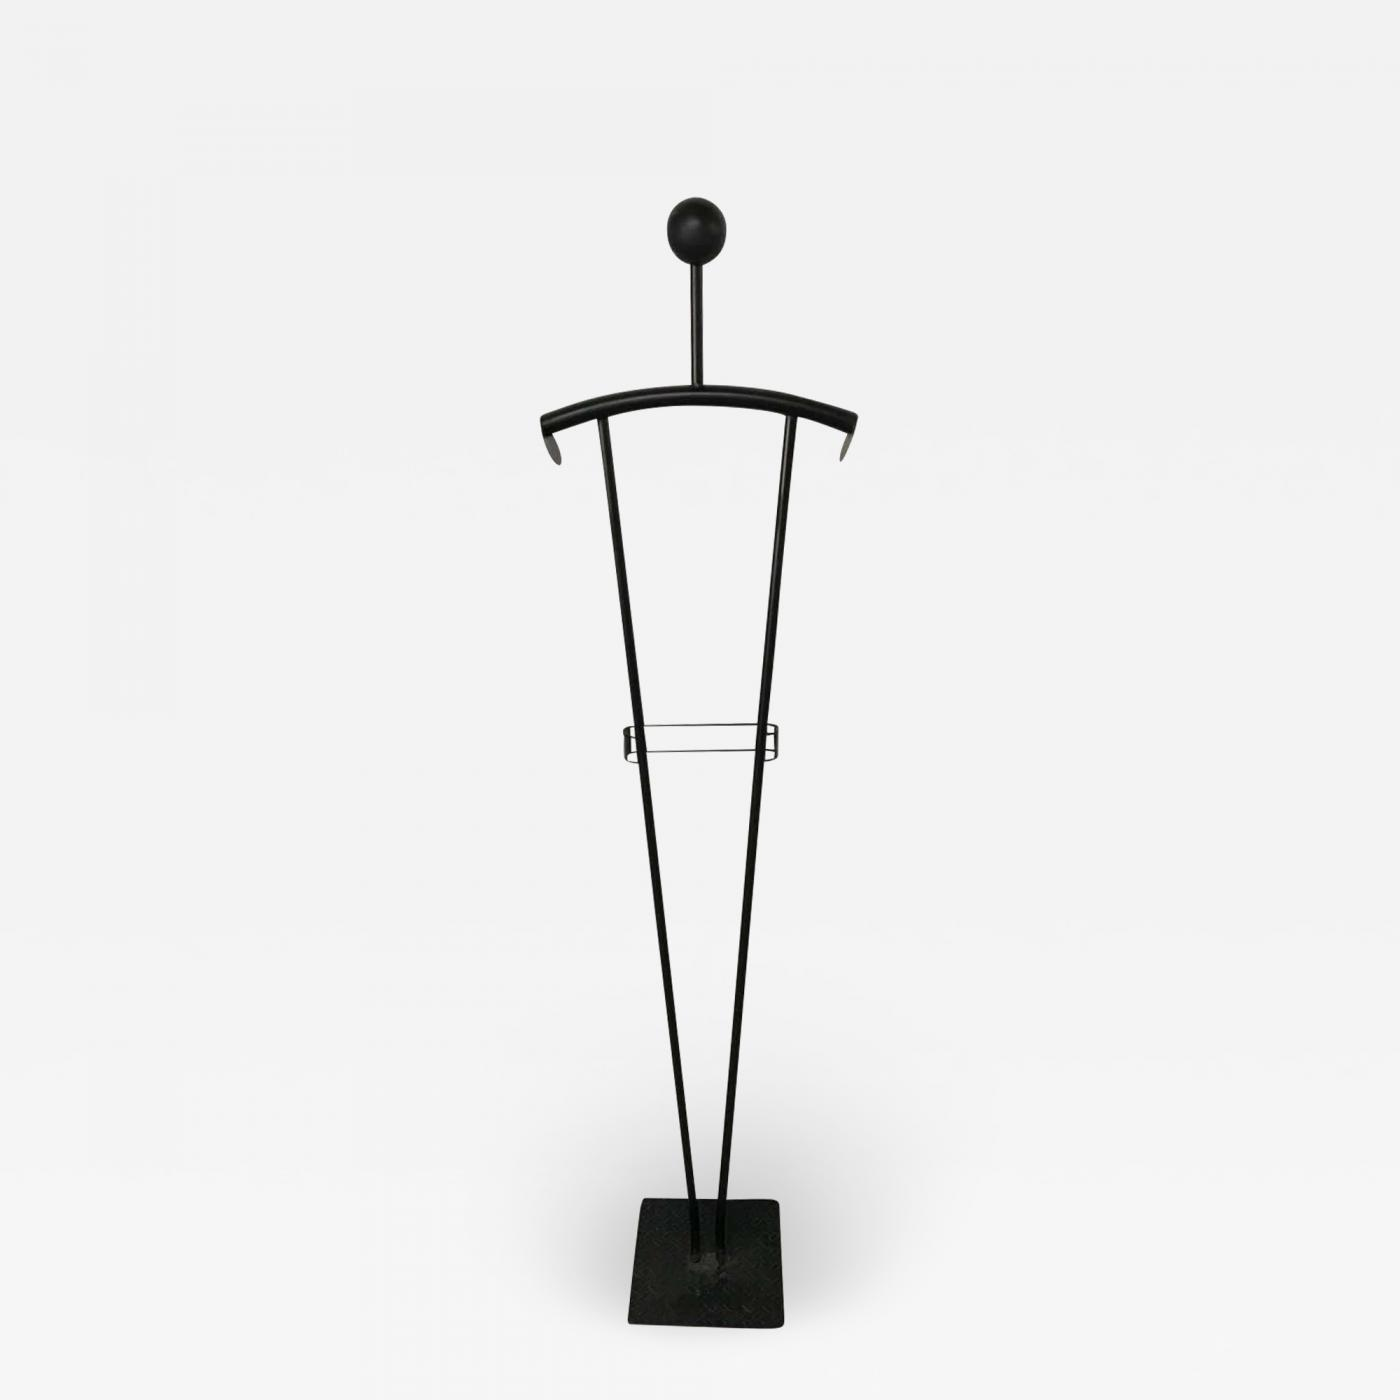 memphis design struttura due post modern figural valet stand or coat rack